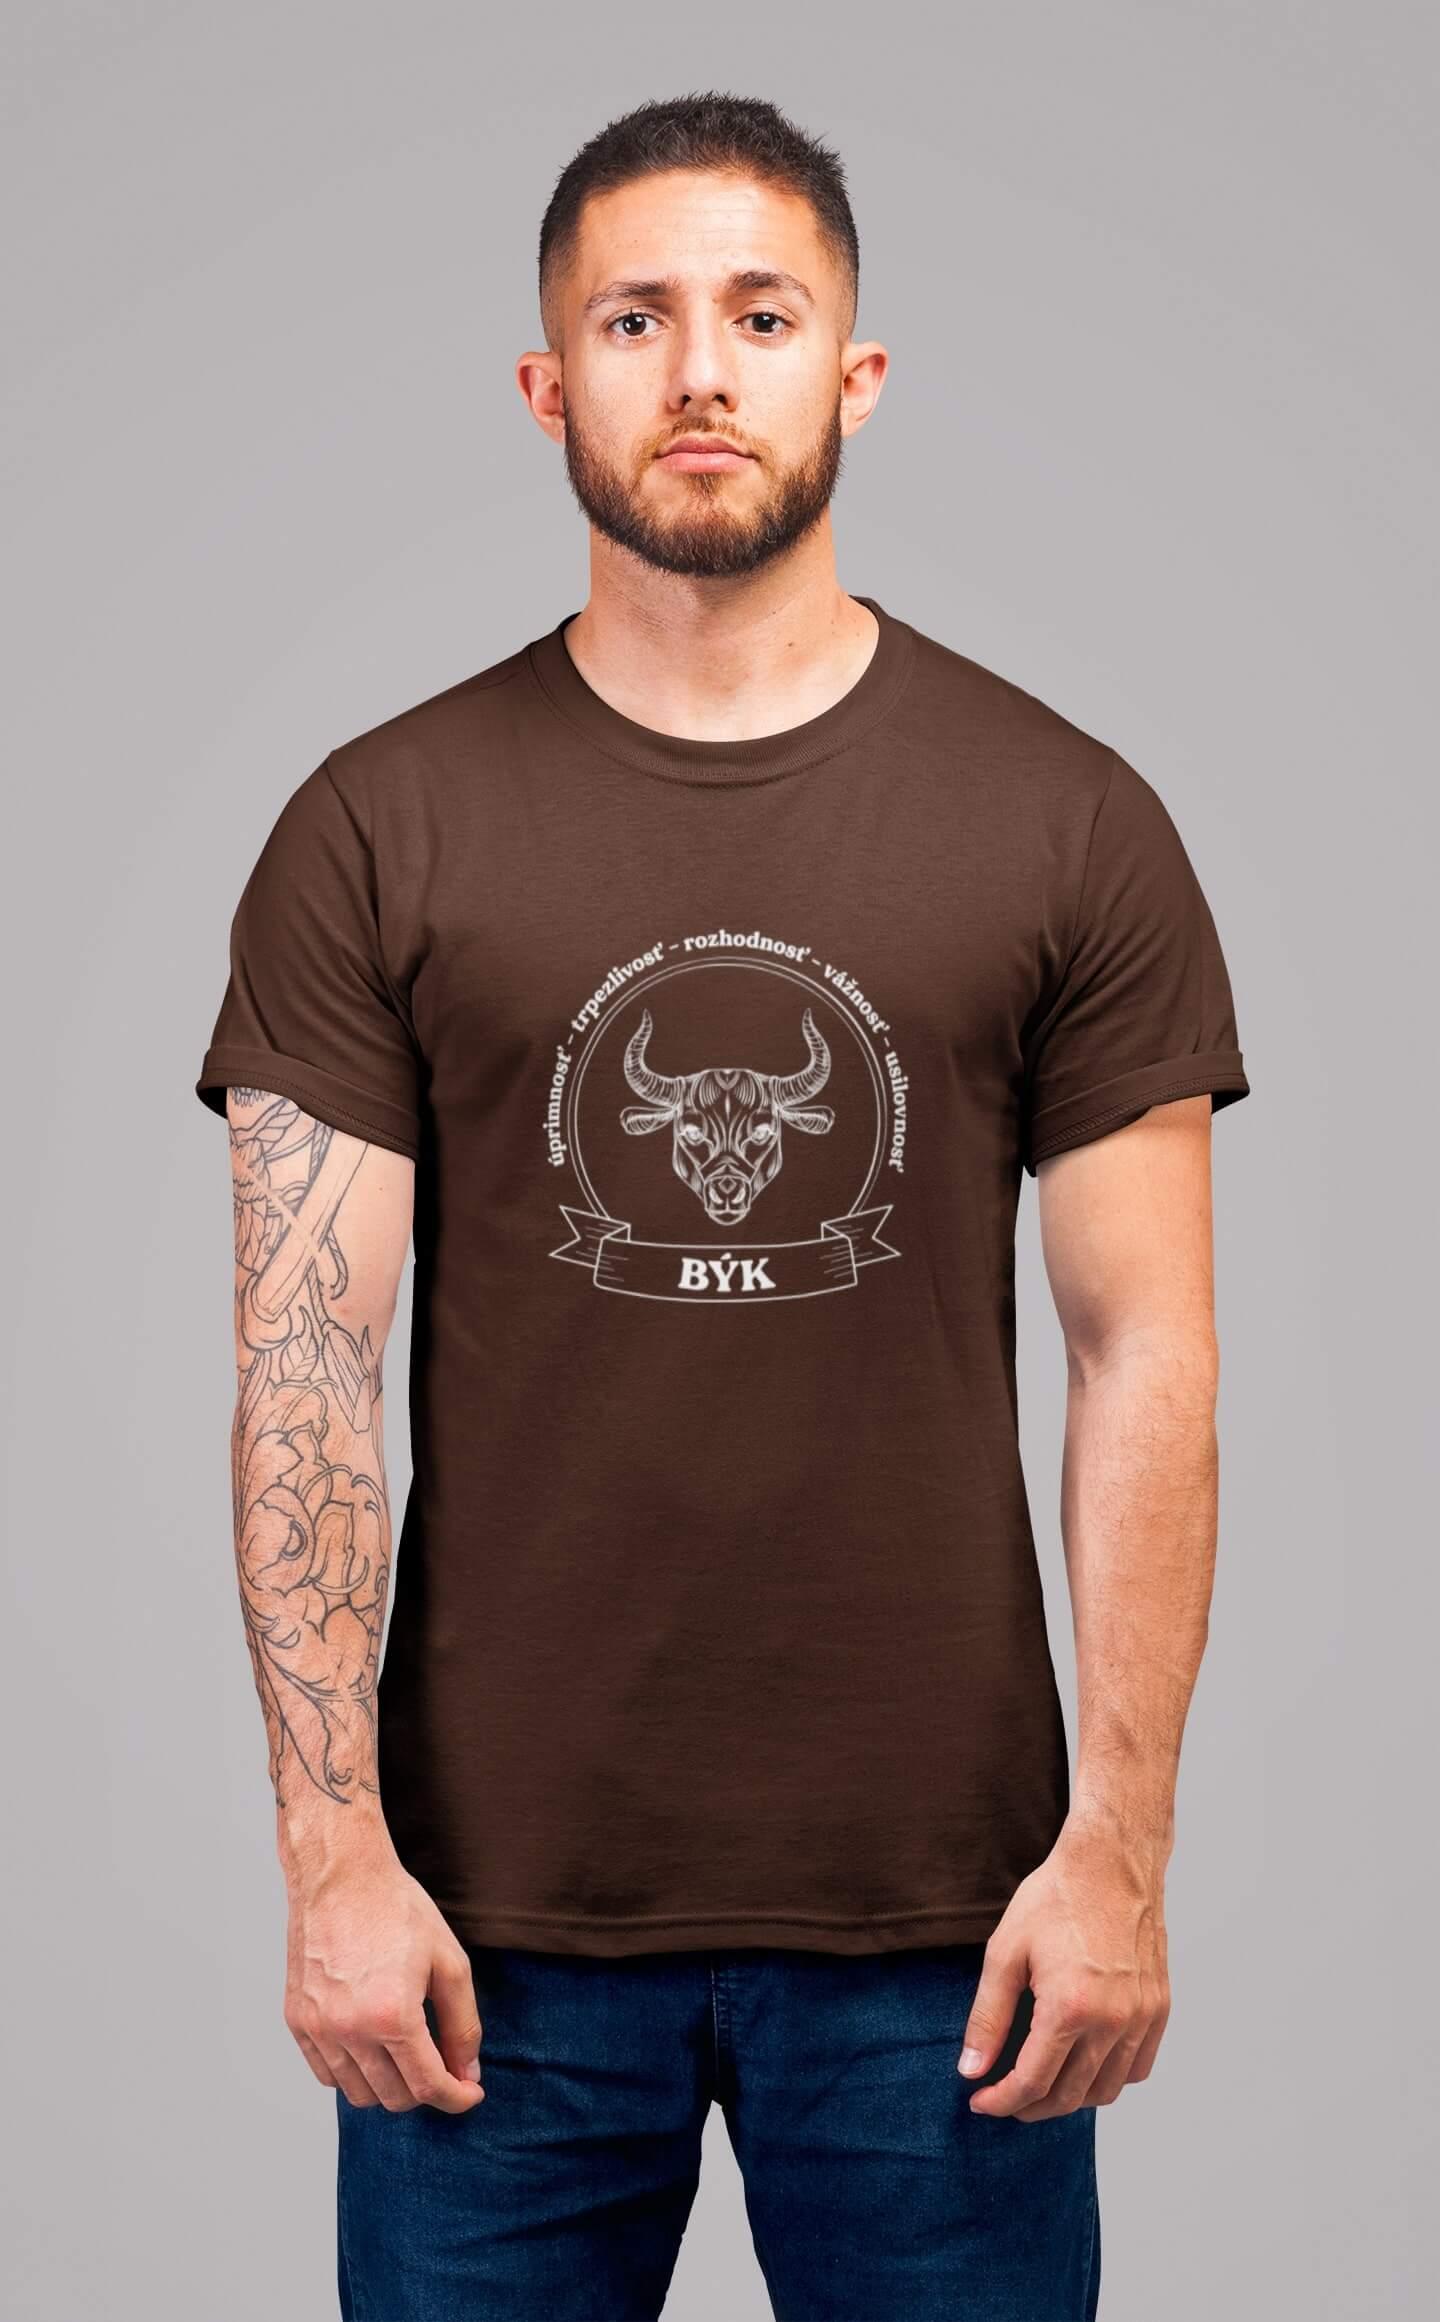 MMO Pánske tričko Býk Vyberte farbu: Čokoládová, Vyberte veľkosť: XL